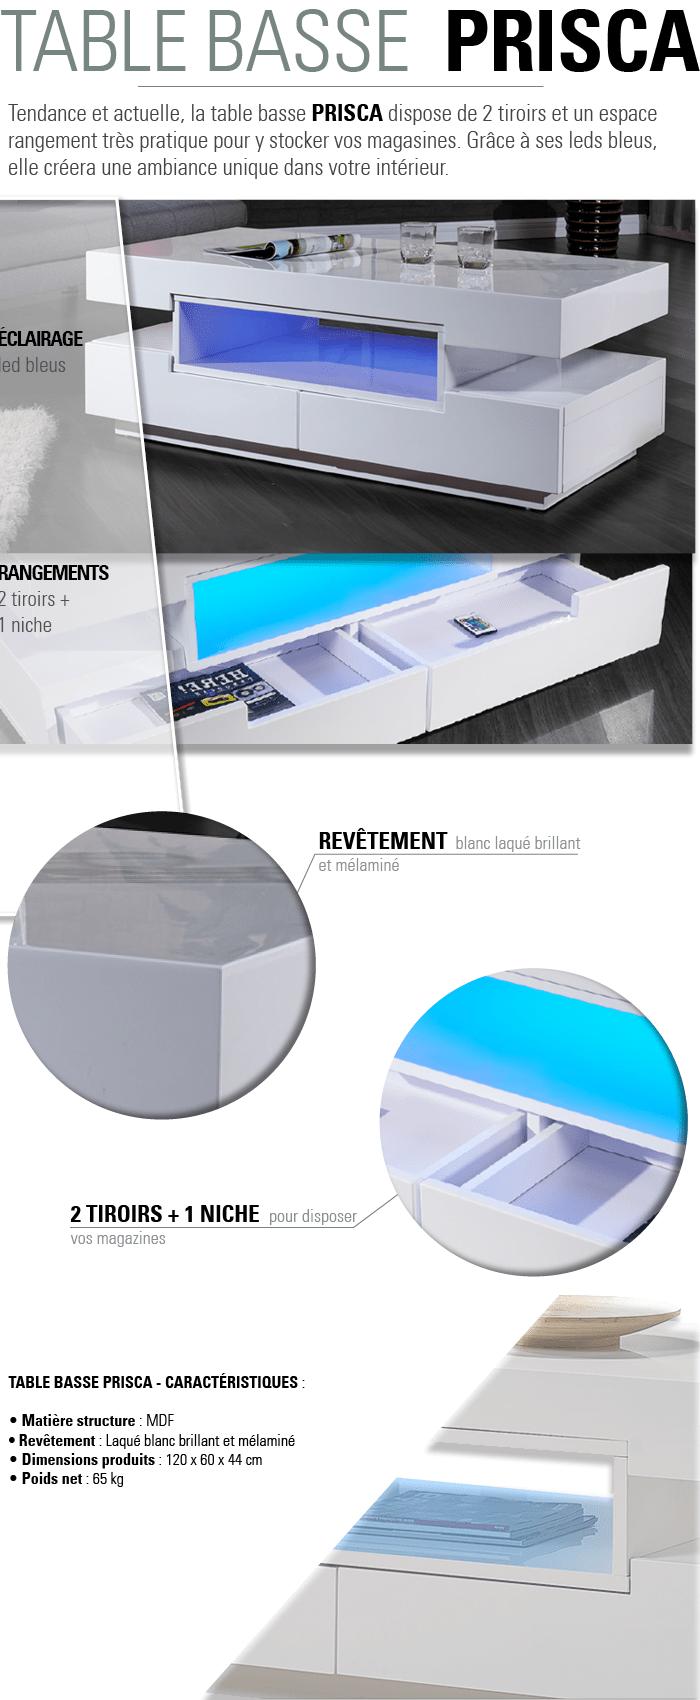 Luxus Table Basse Avec Led Id Es De Conception De Table Basse # Table Basse Blanc Avec Lampe Led